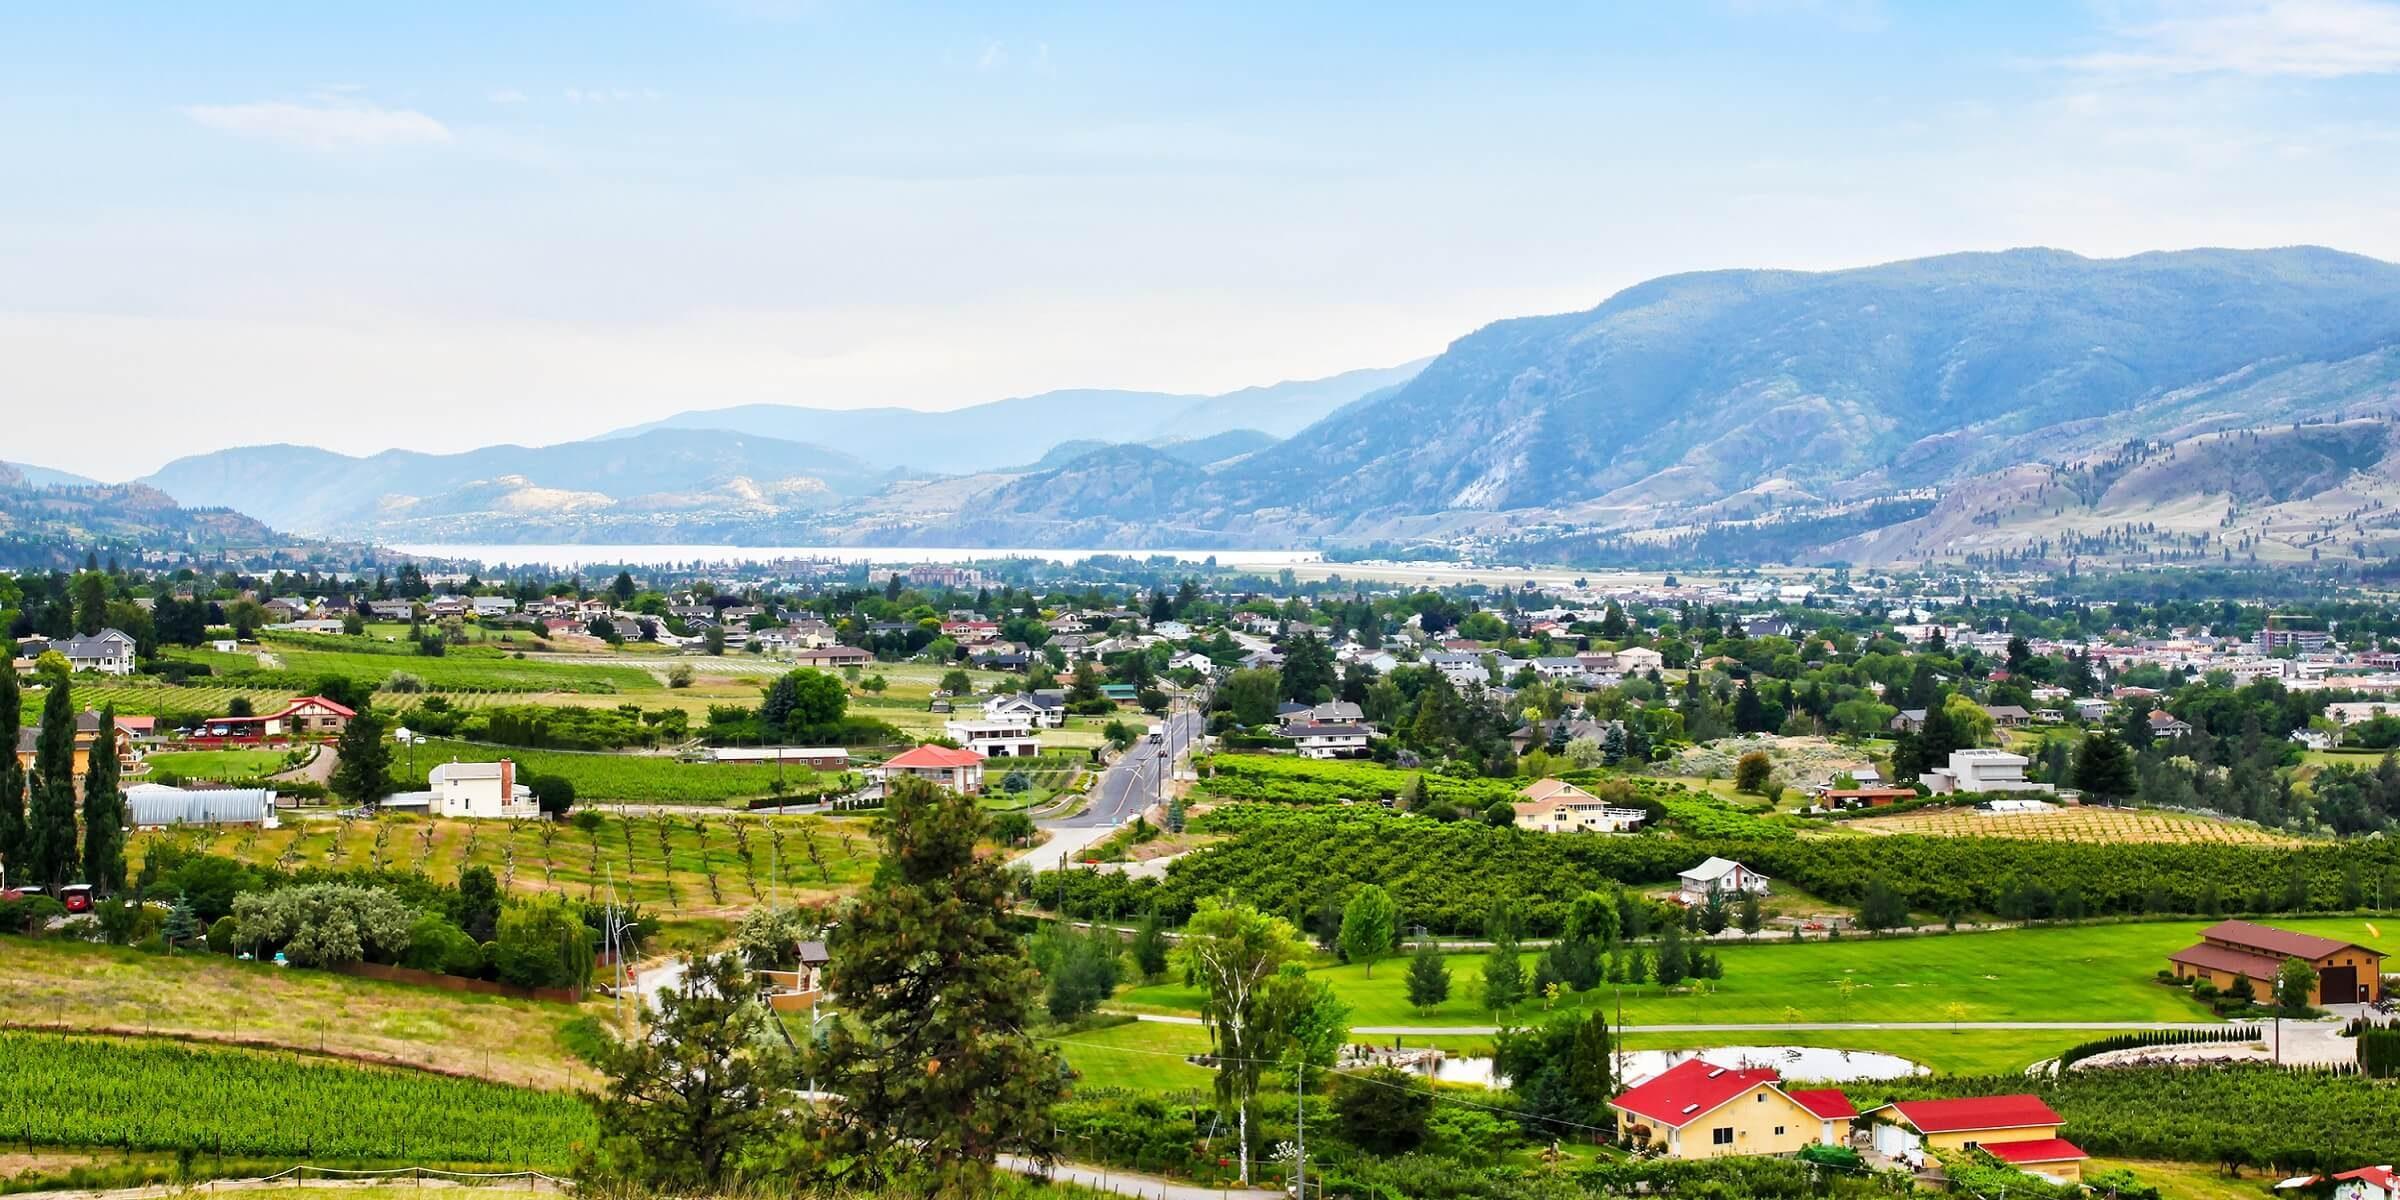 In Kanada wird direkt am Wasser Wein angebaut